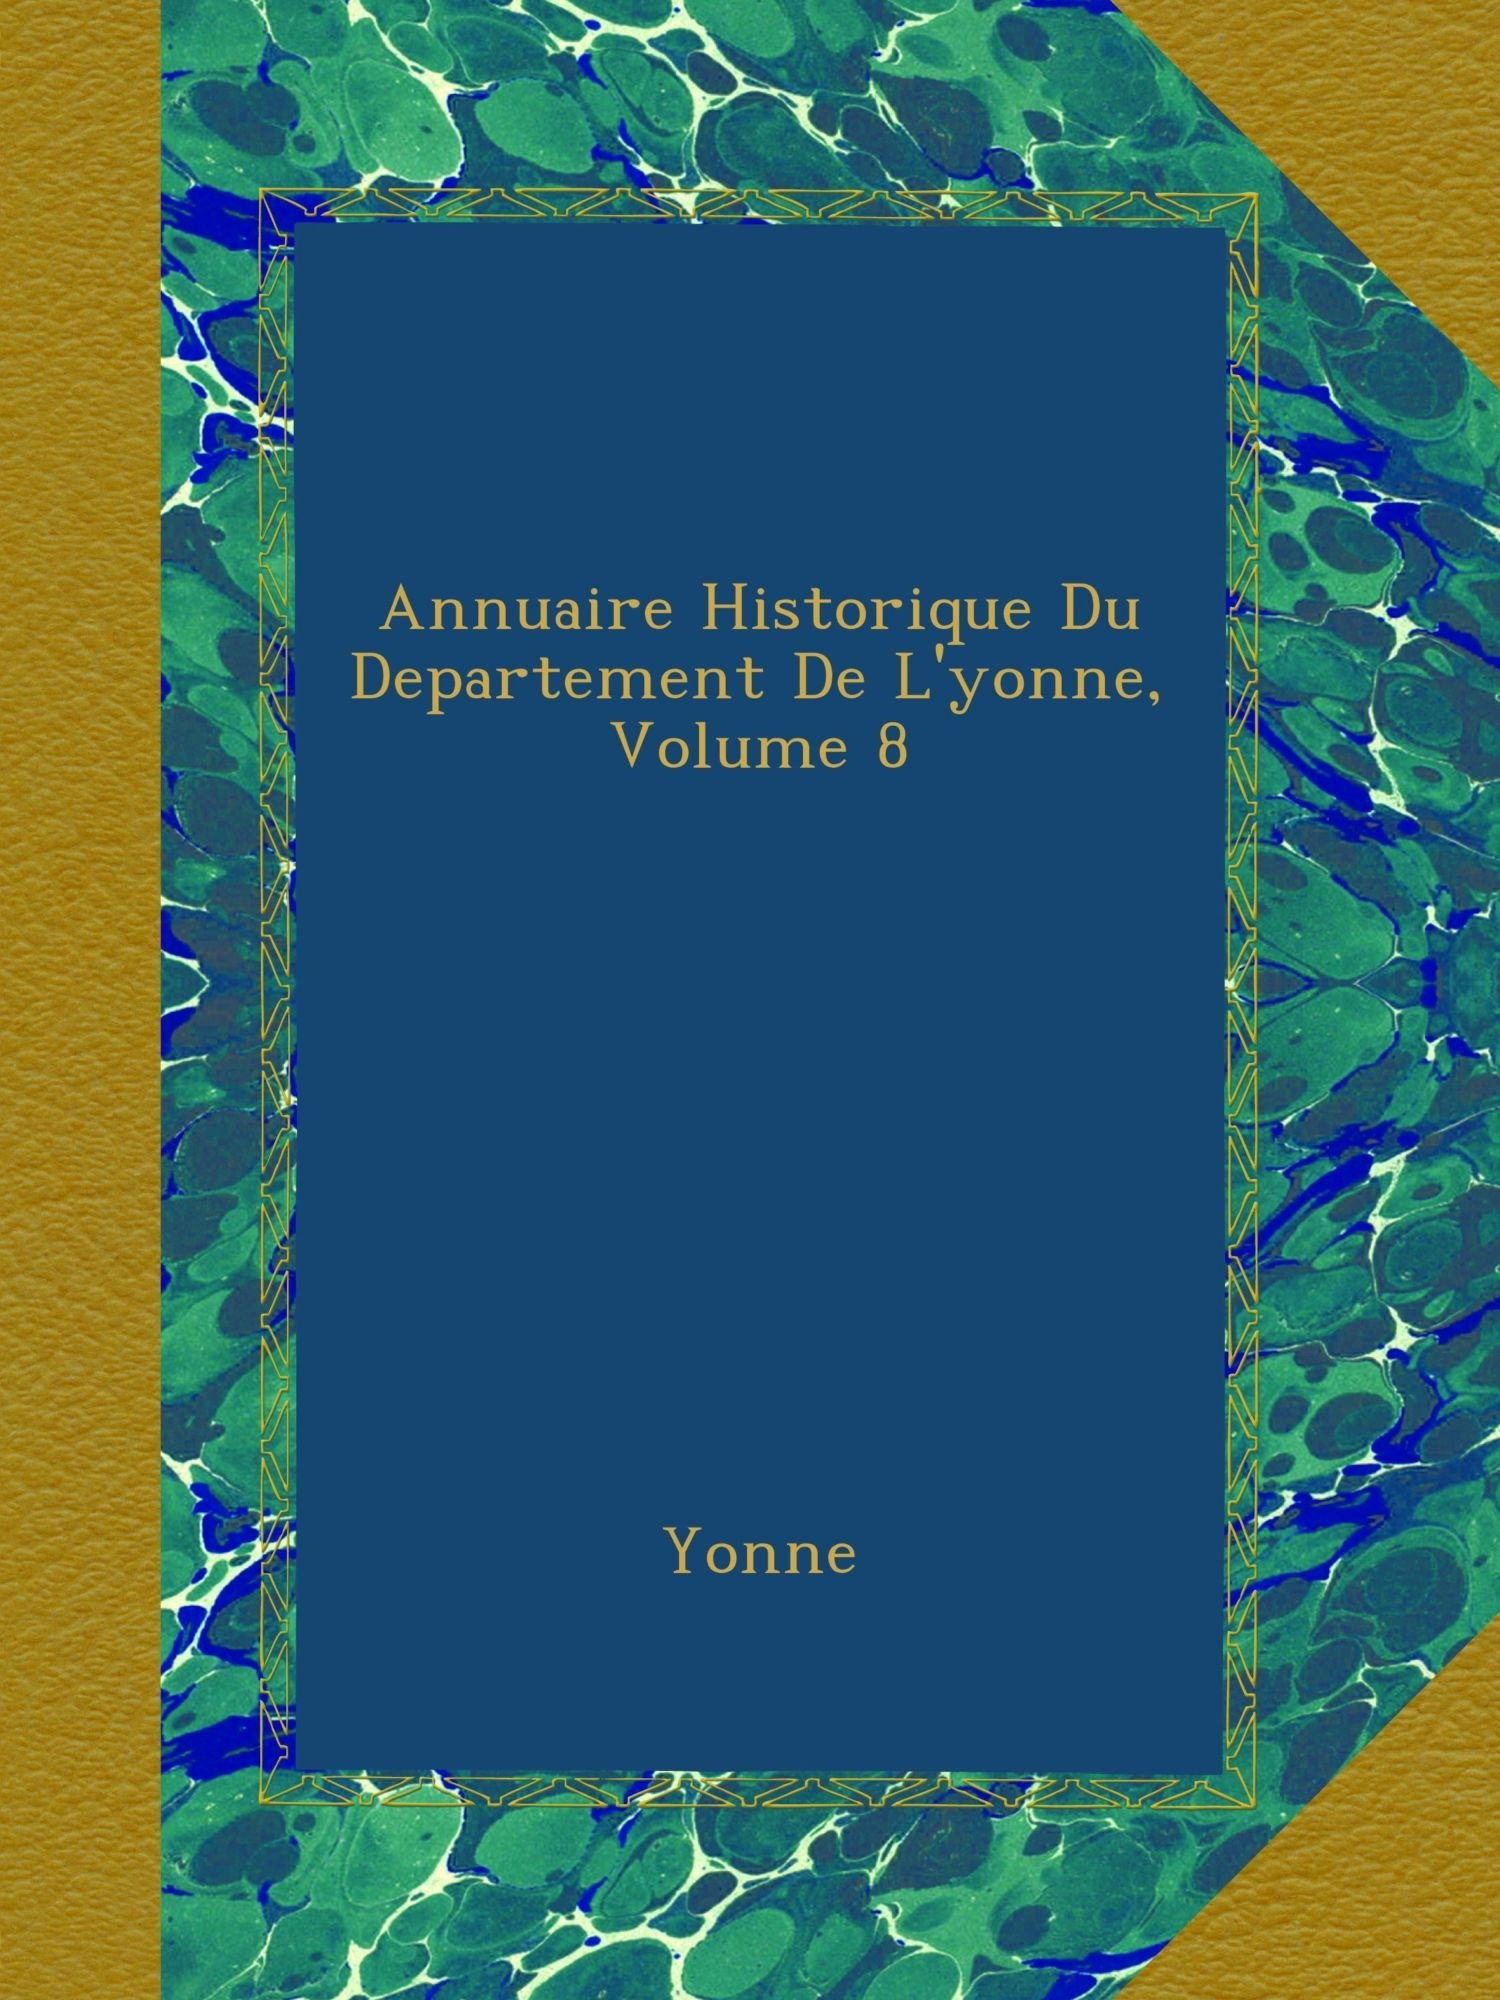 Annuaire Historique Du Departement De L'yonne, Volume 8 (French Edition) PDF